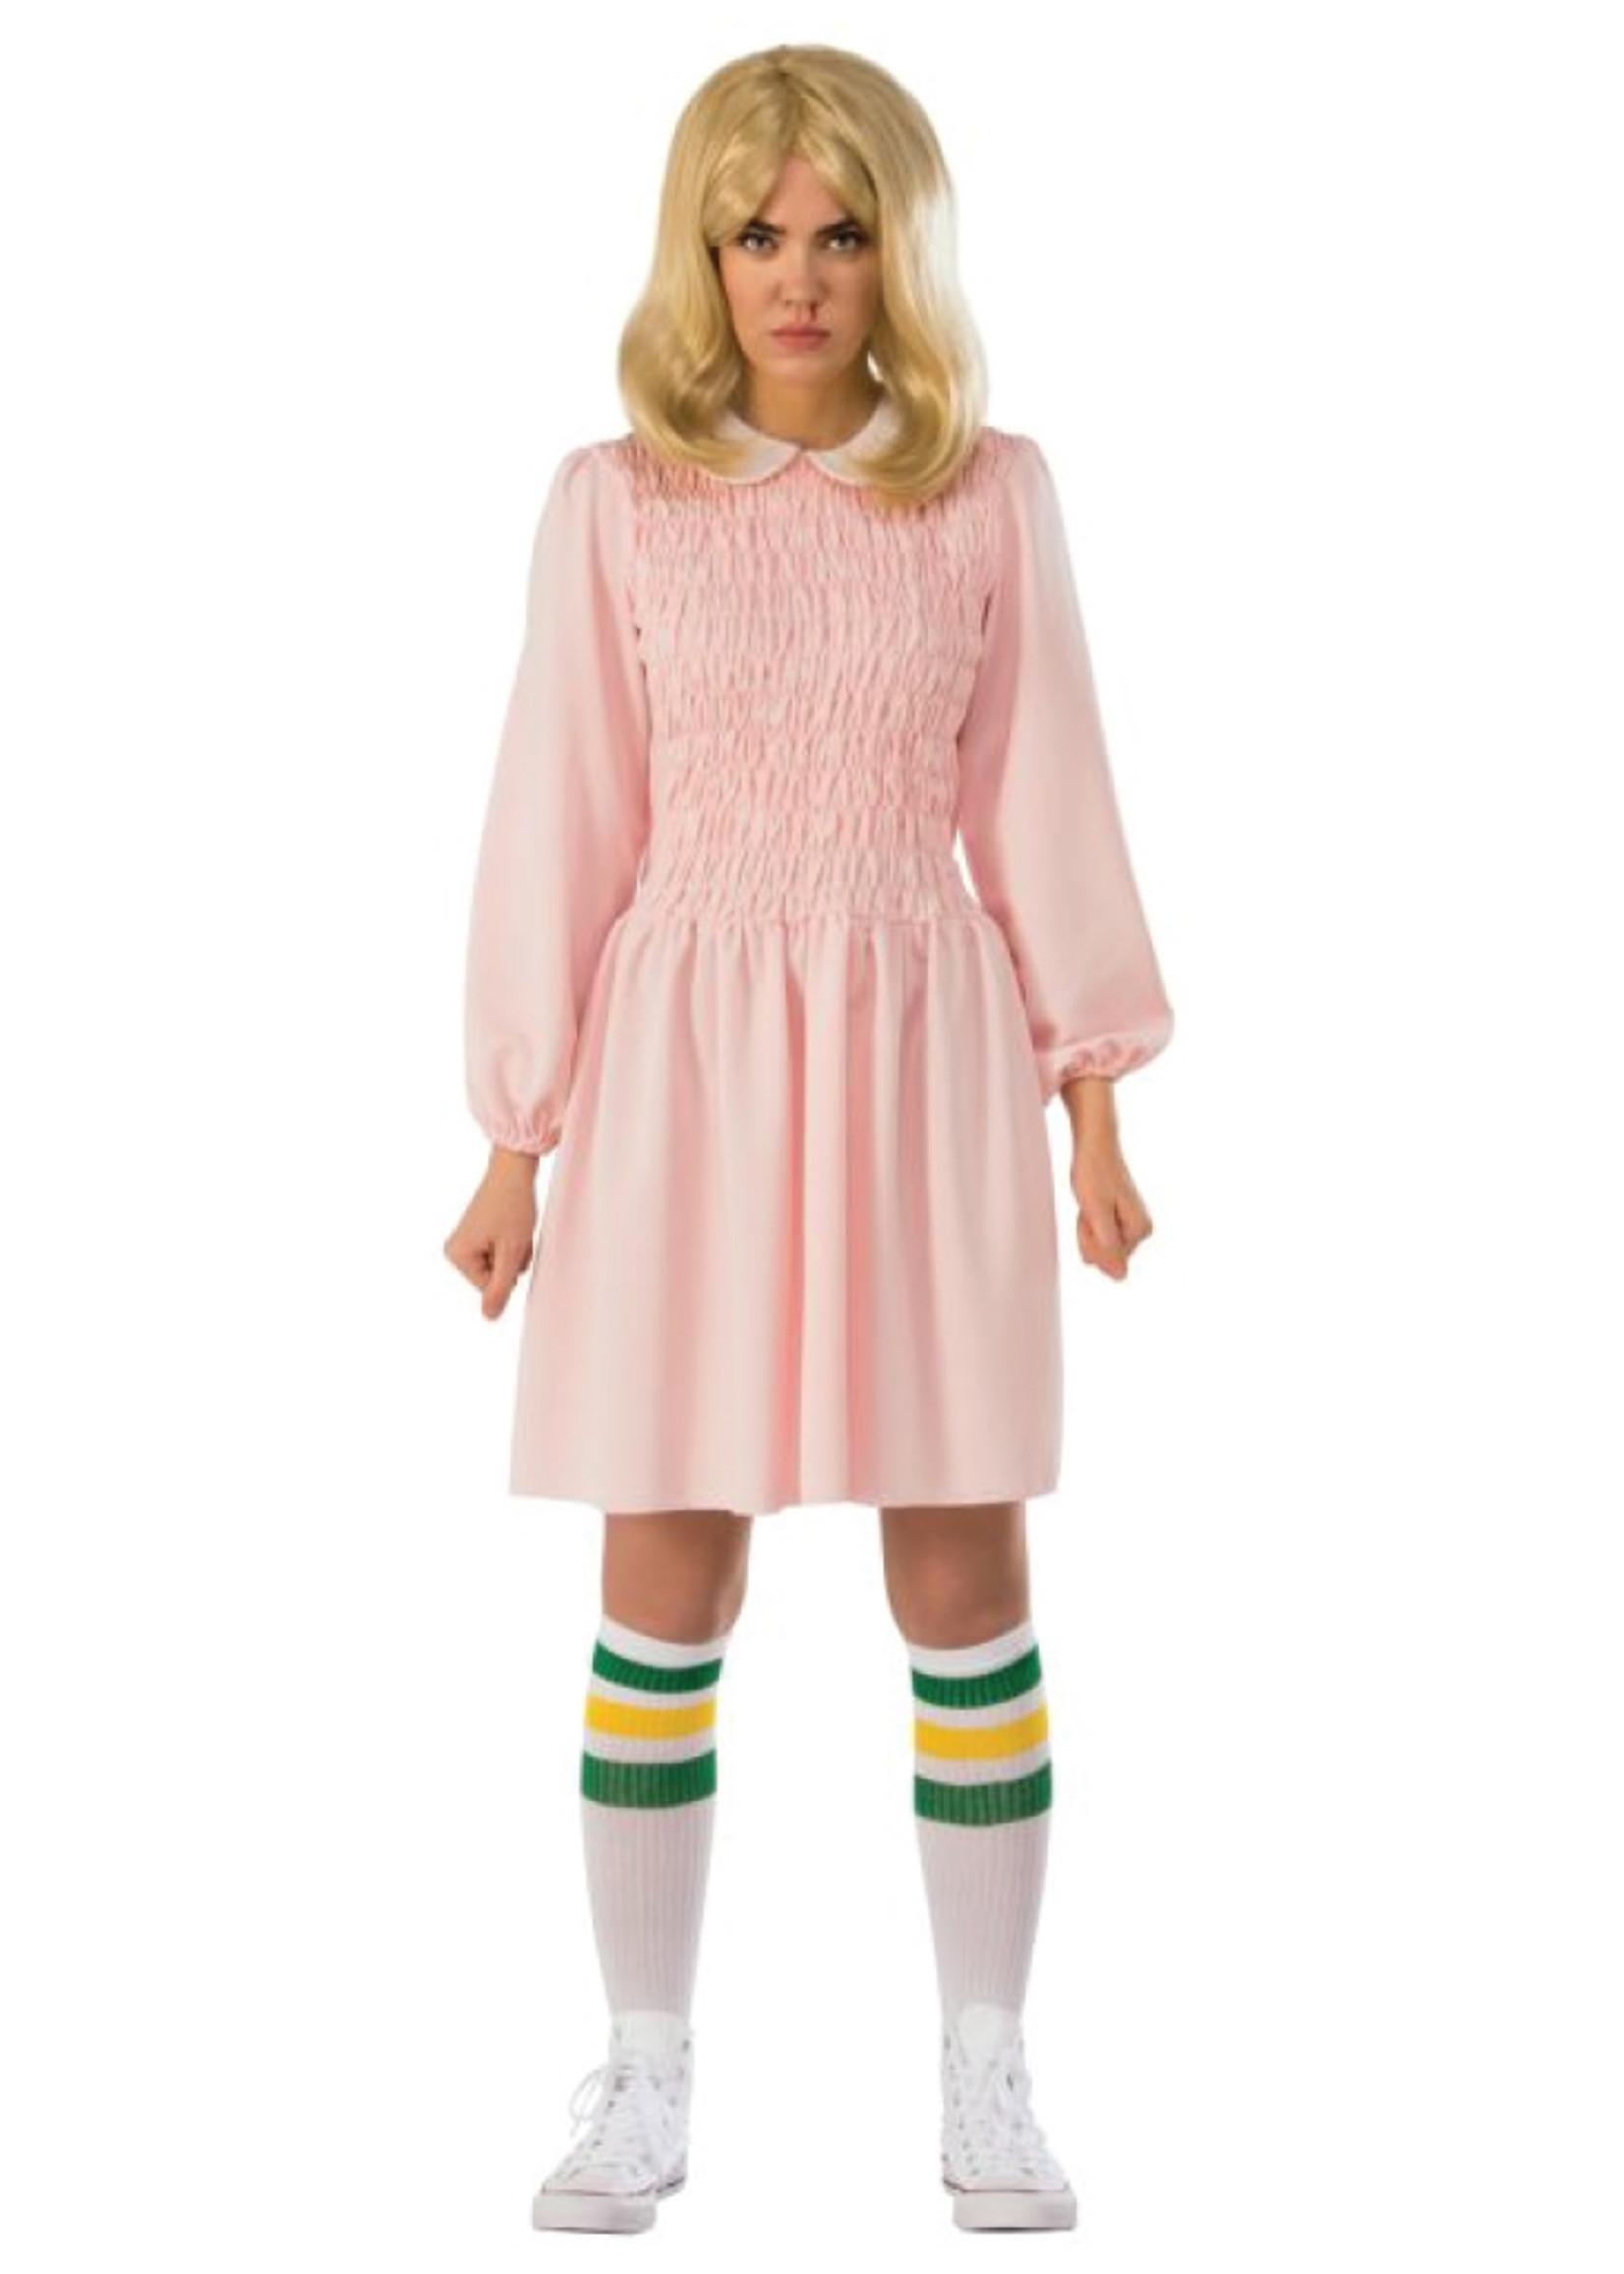 Strange Girl Costume - Women's